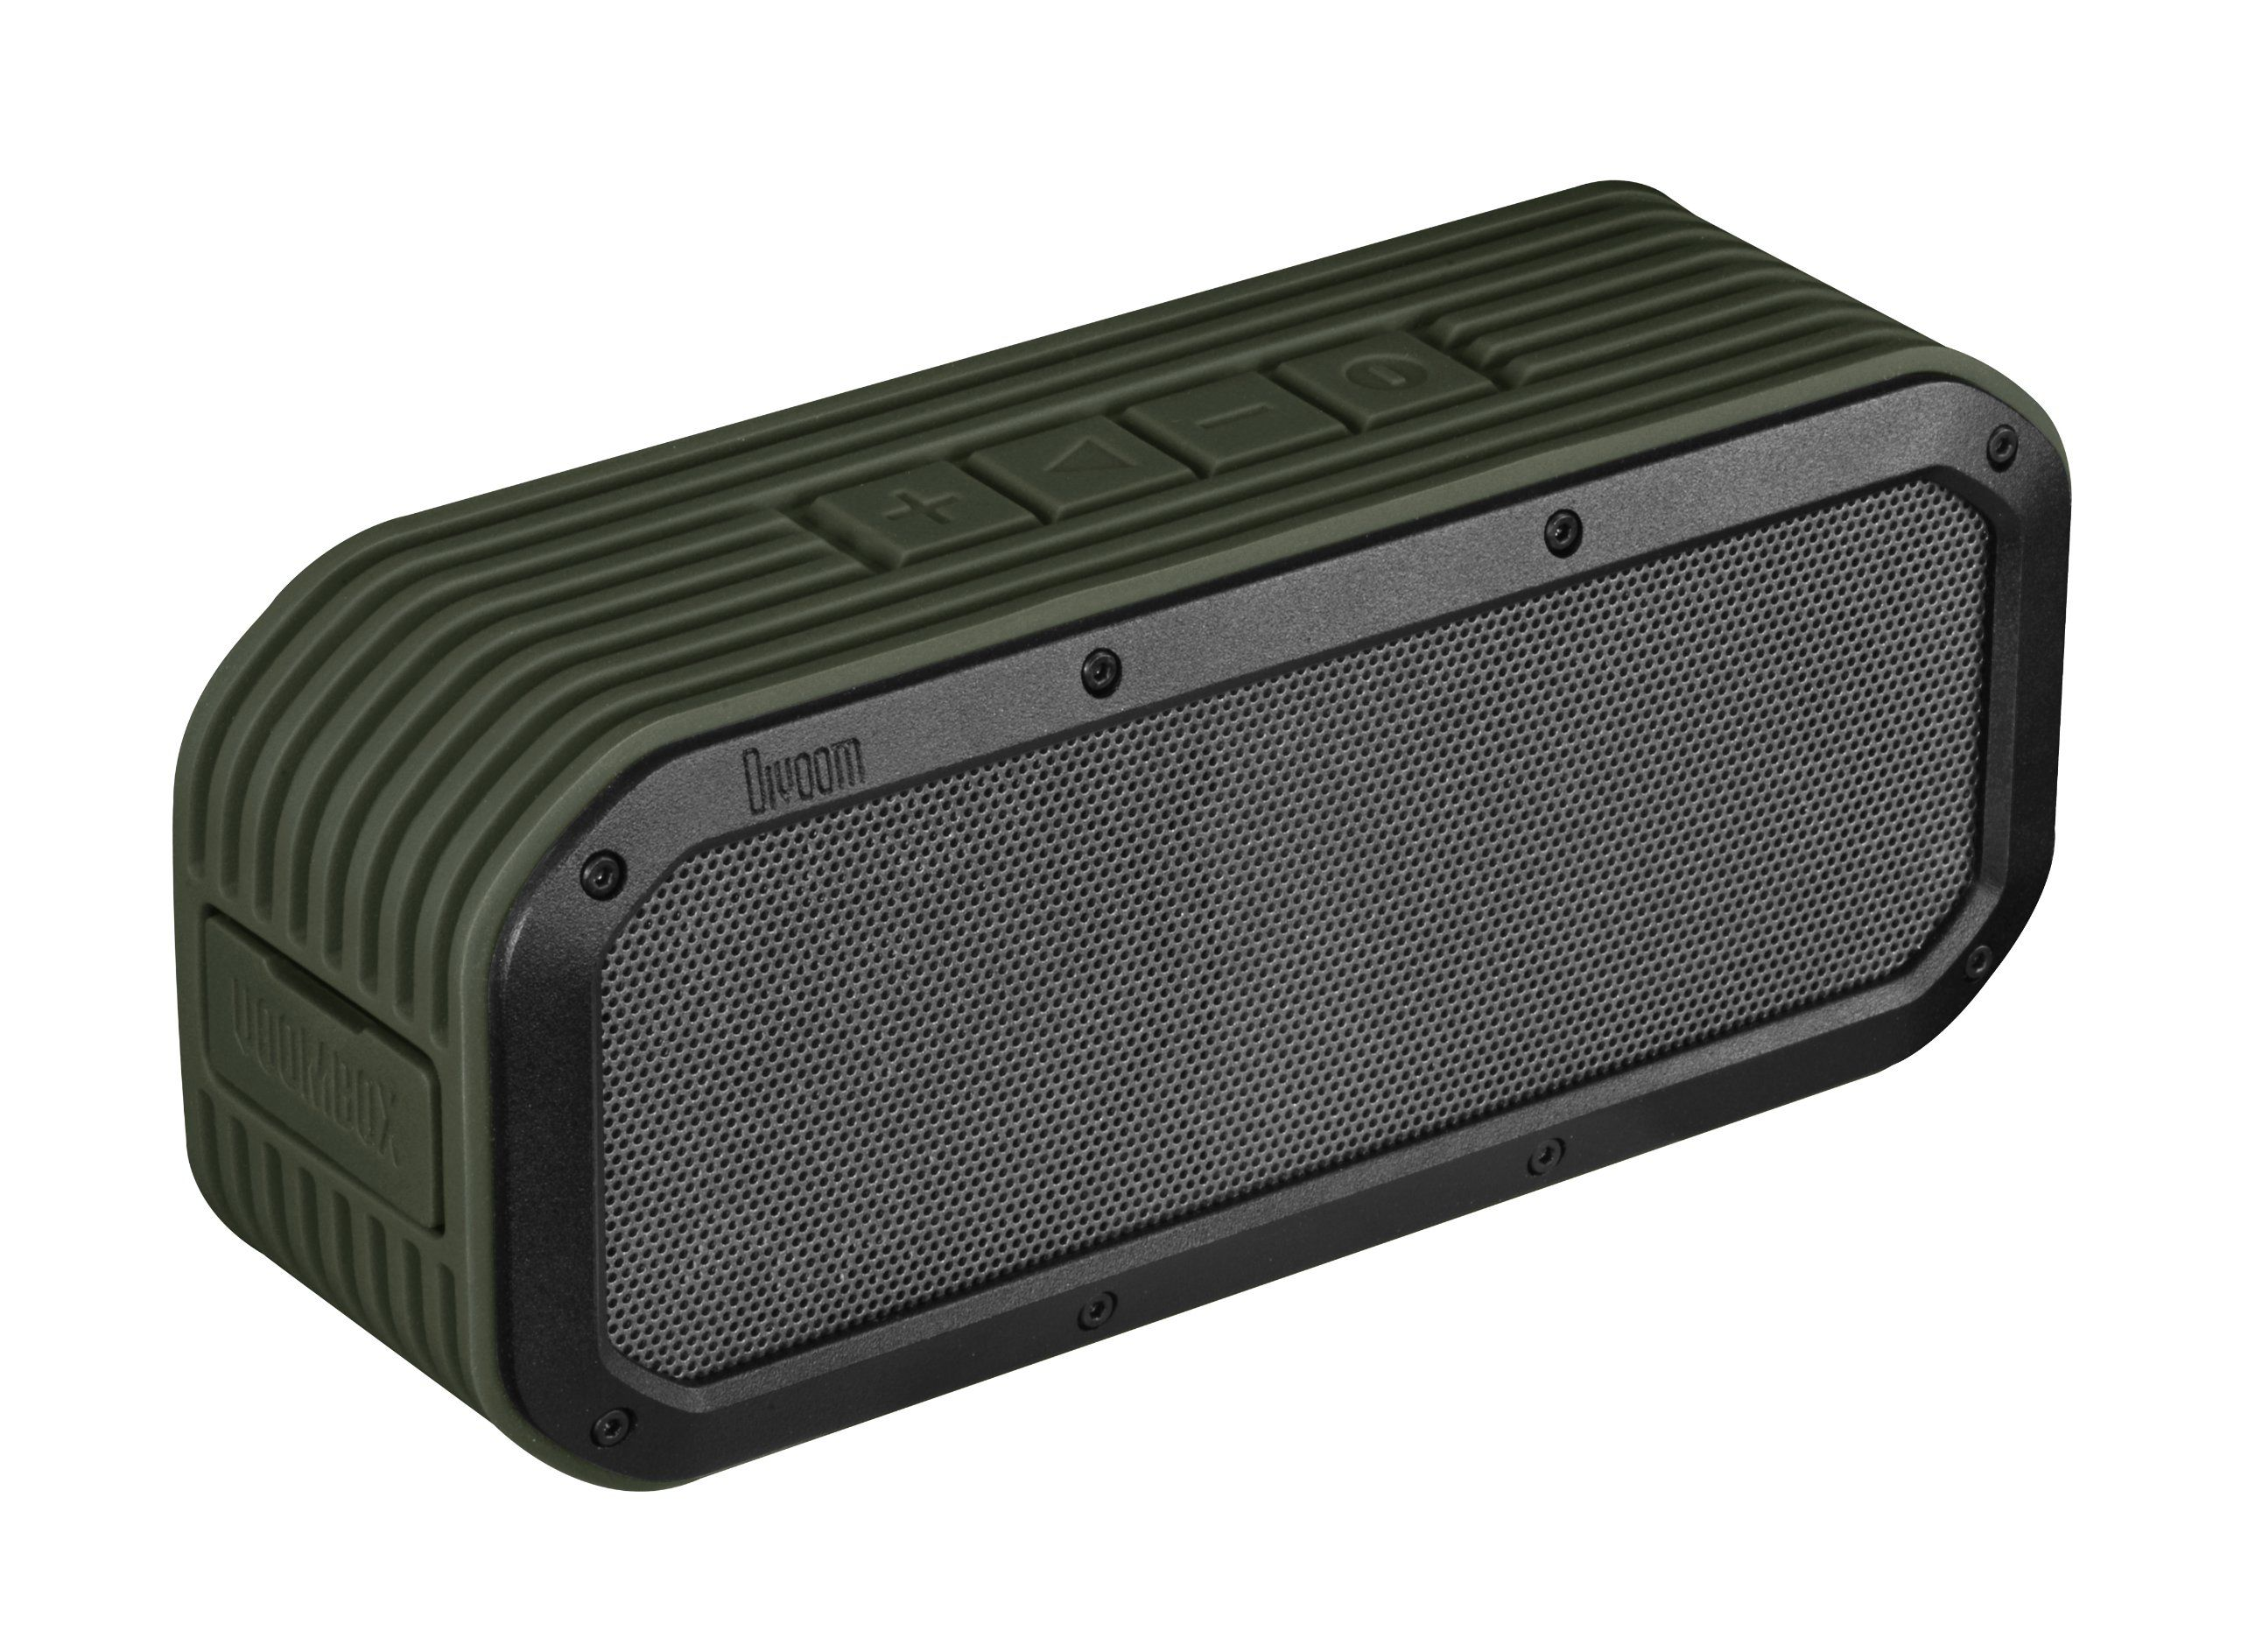 divoom voombox outdoor wireless bluetooth speaker green green